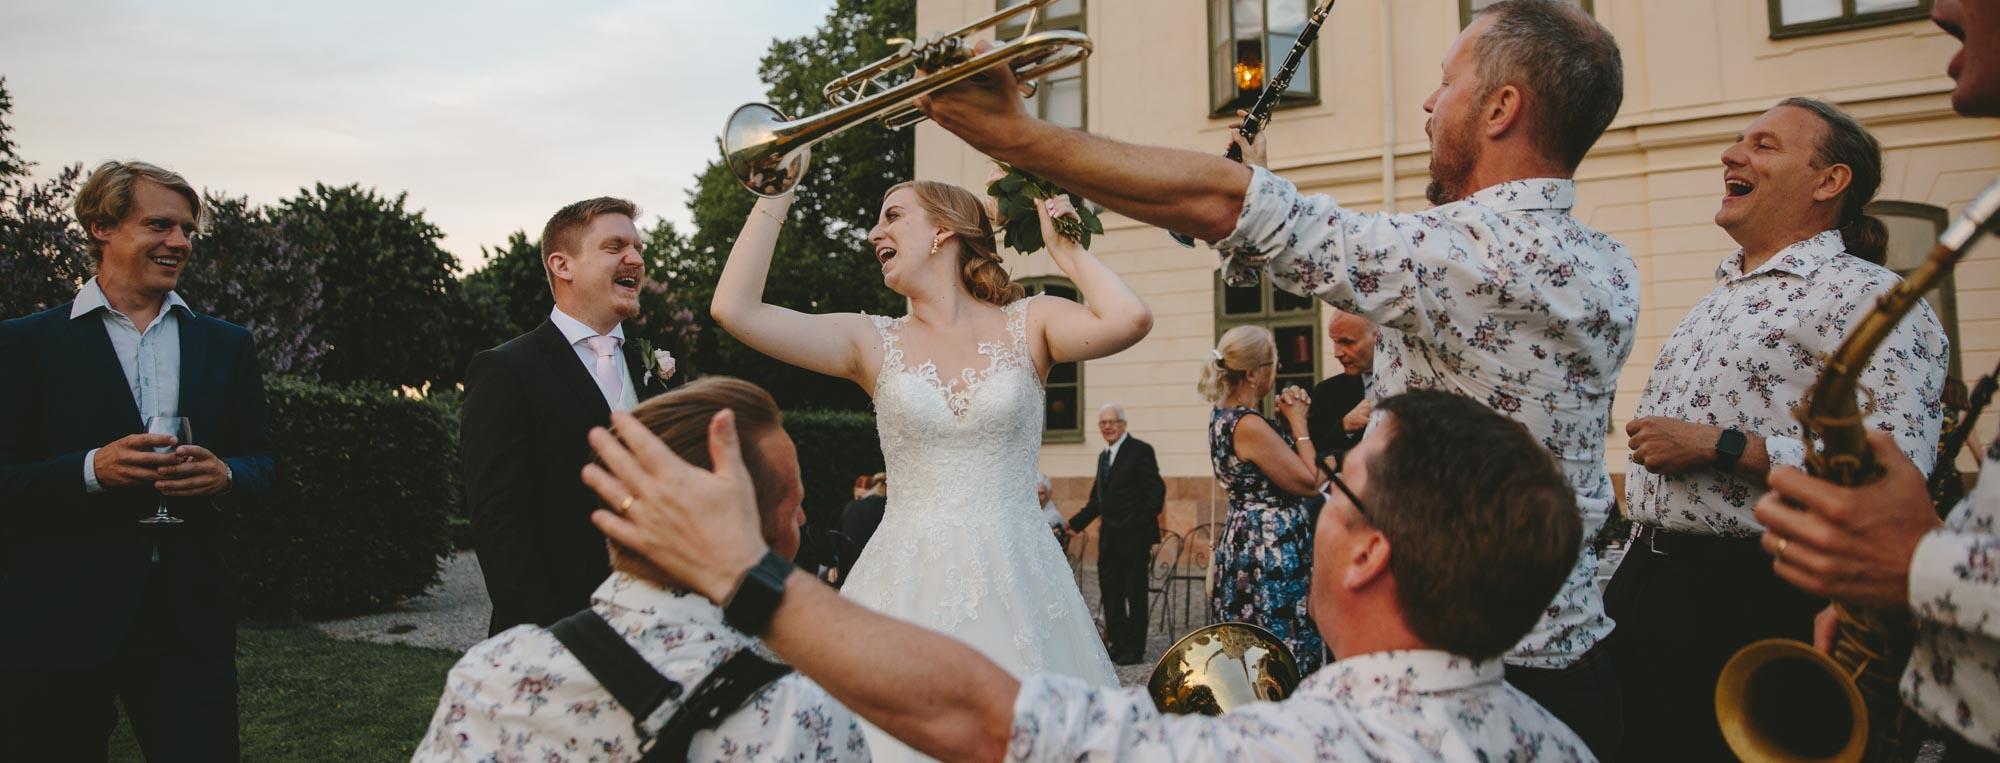 Bröllop på Sturehovs slott